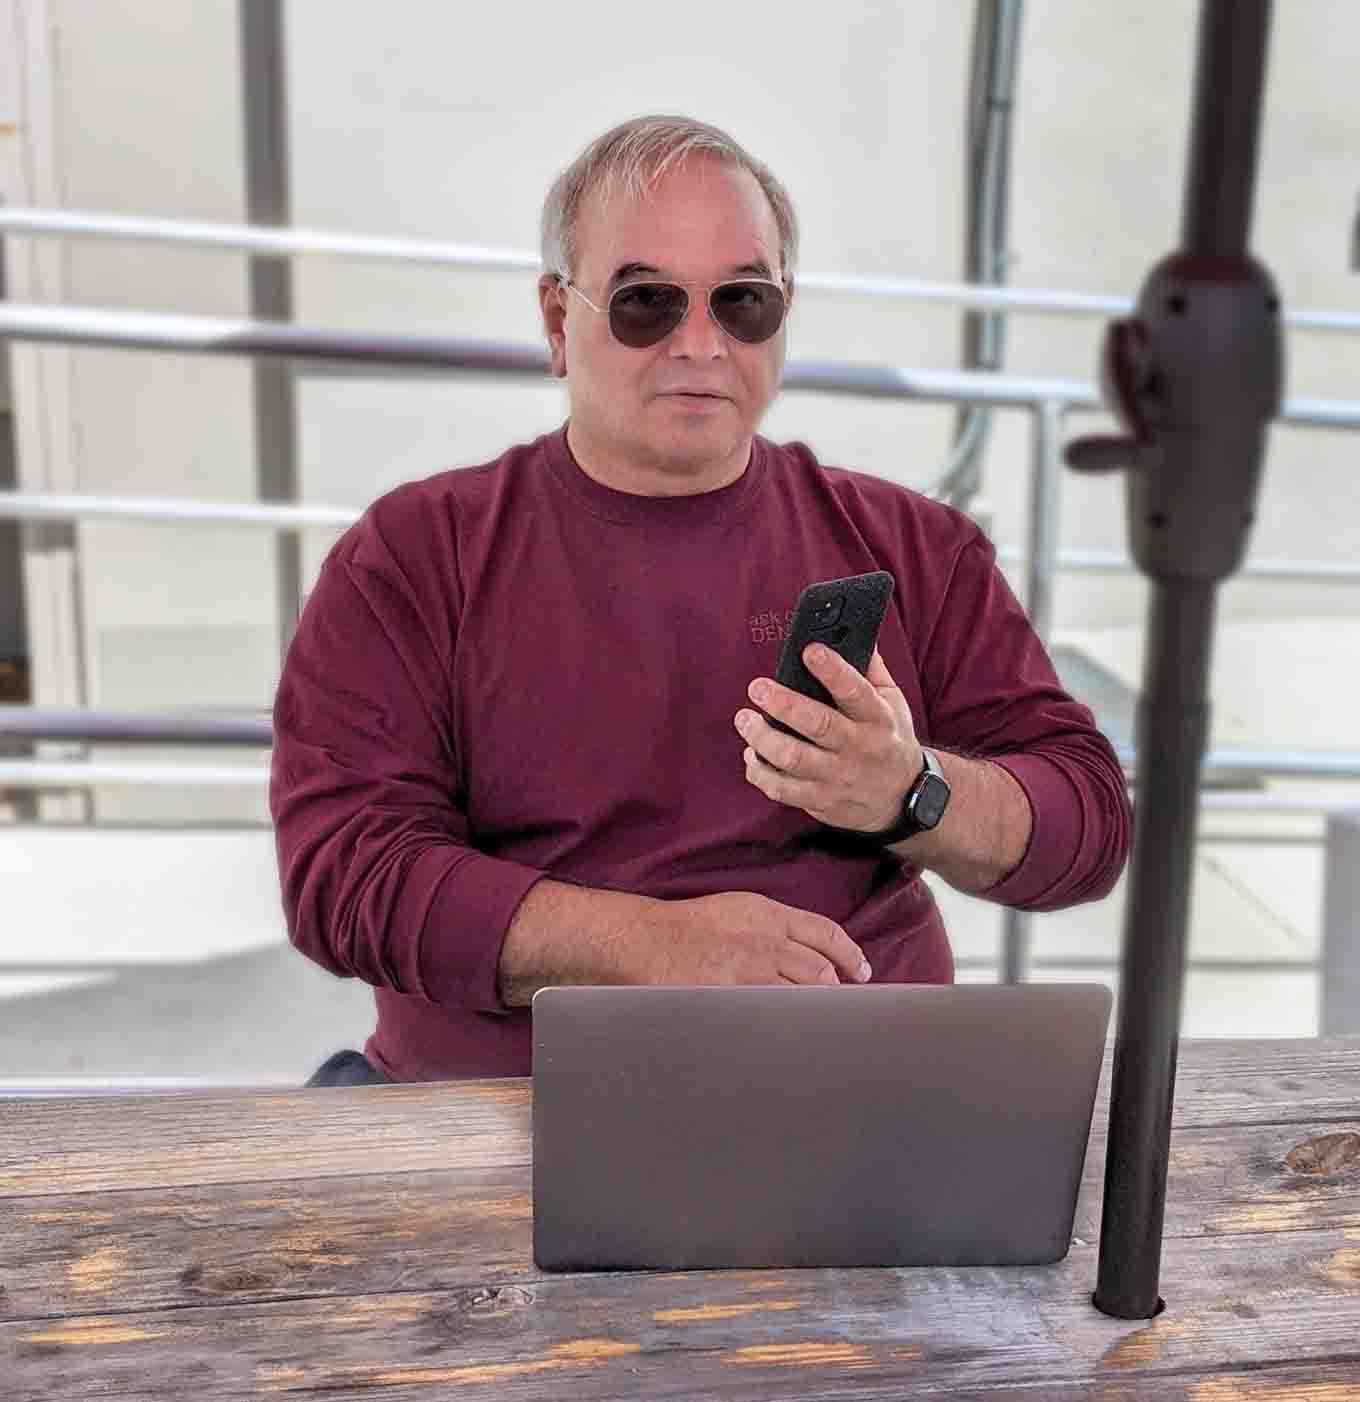 AT&T PREPAID Wireless Service | Chef Dennis